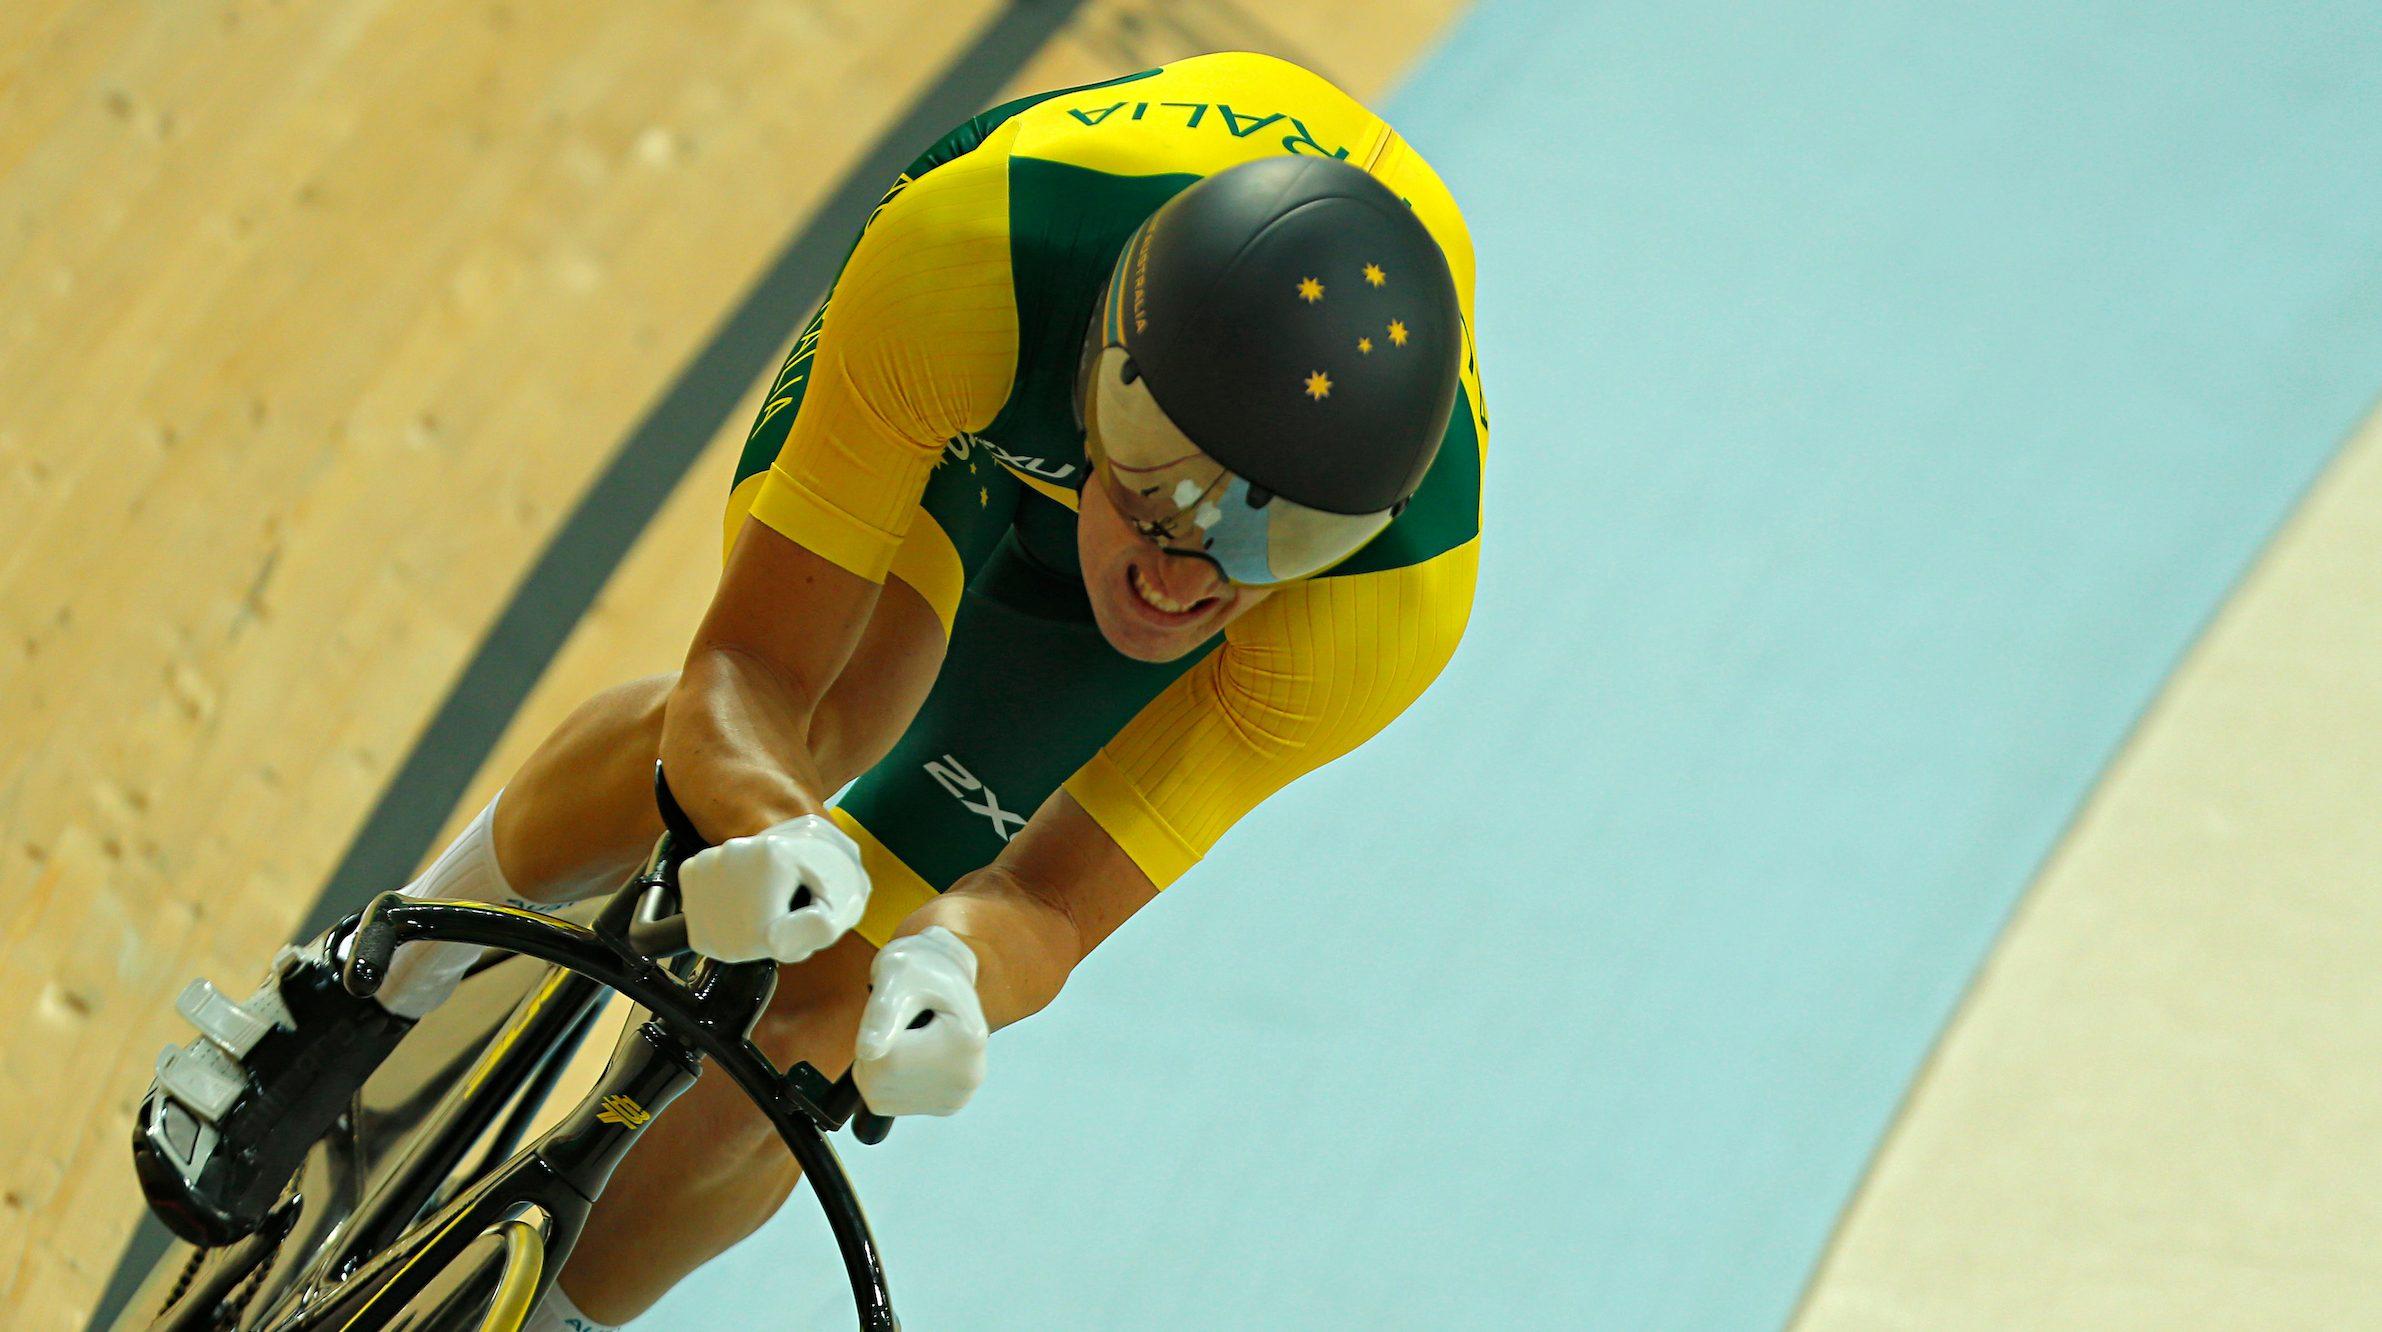 Nicholas defends world title; debutant Petricola wins bronze